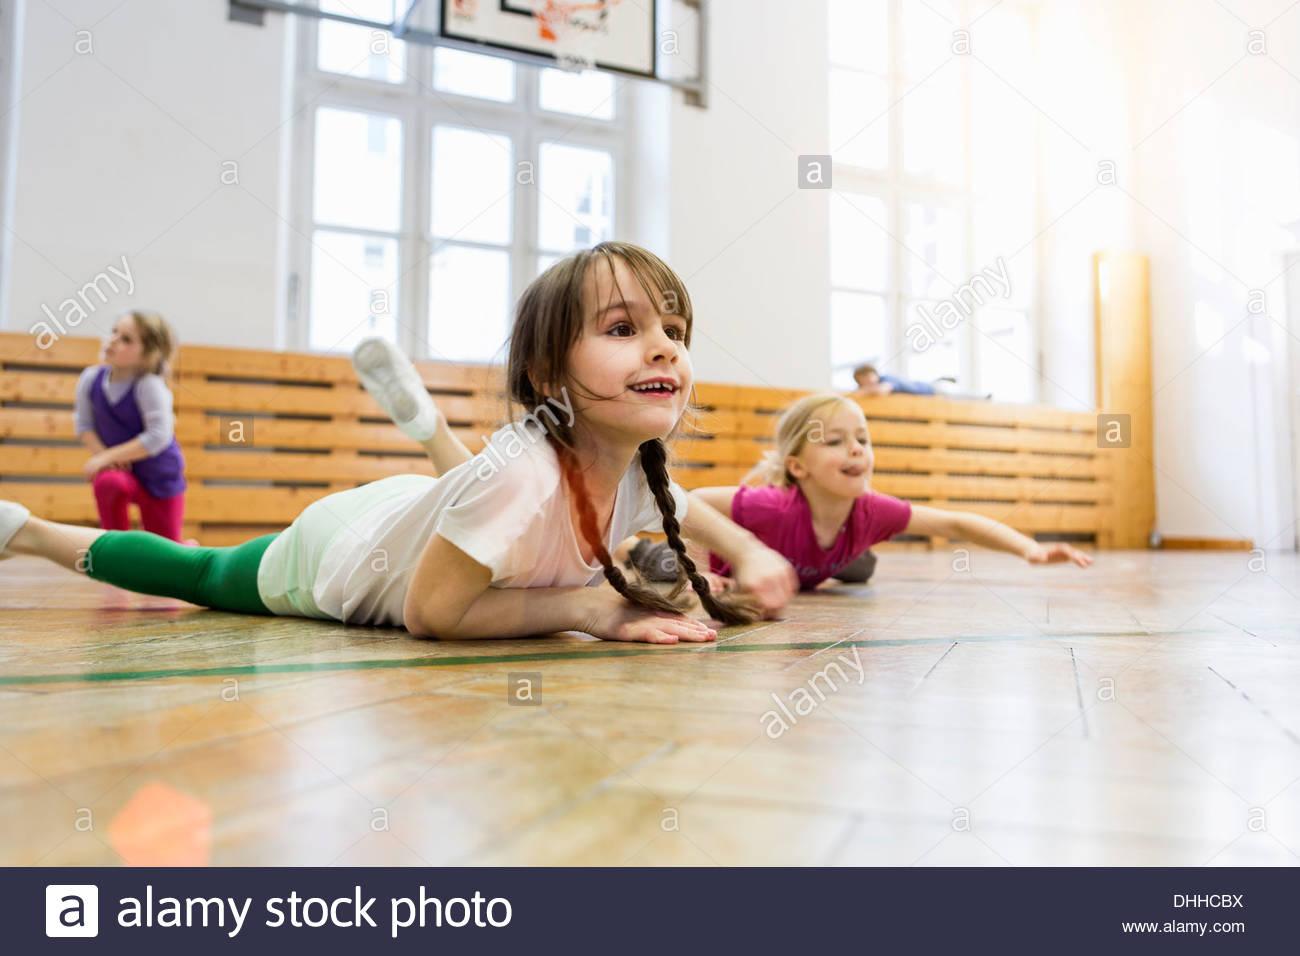 Mädchen liegend auf Vorderseite im Sportunterricht, stretching Stockbild